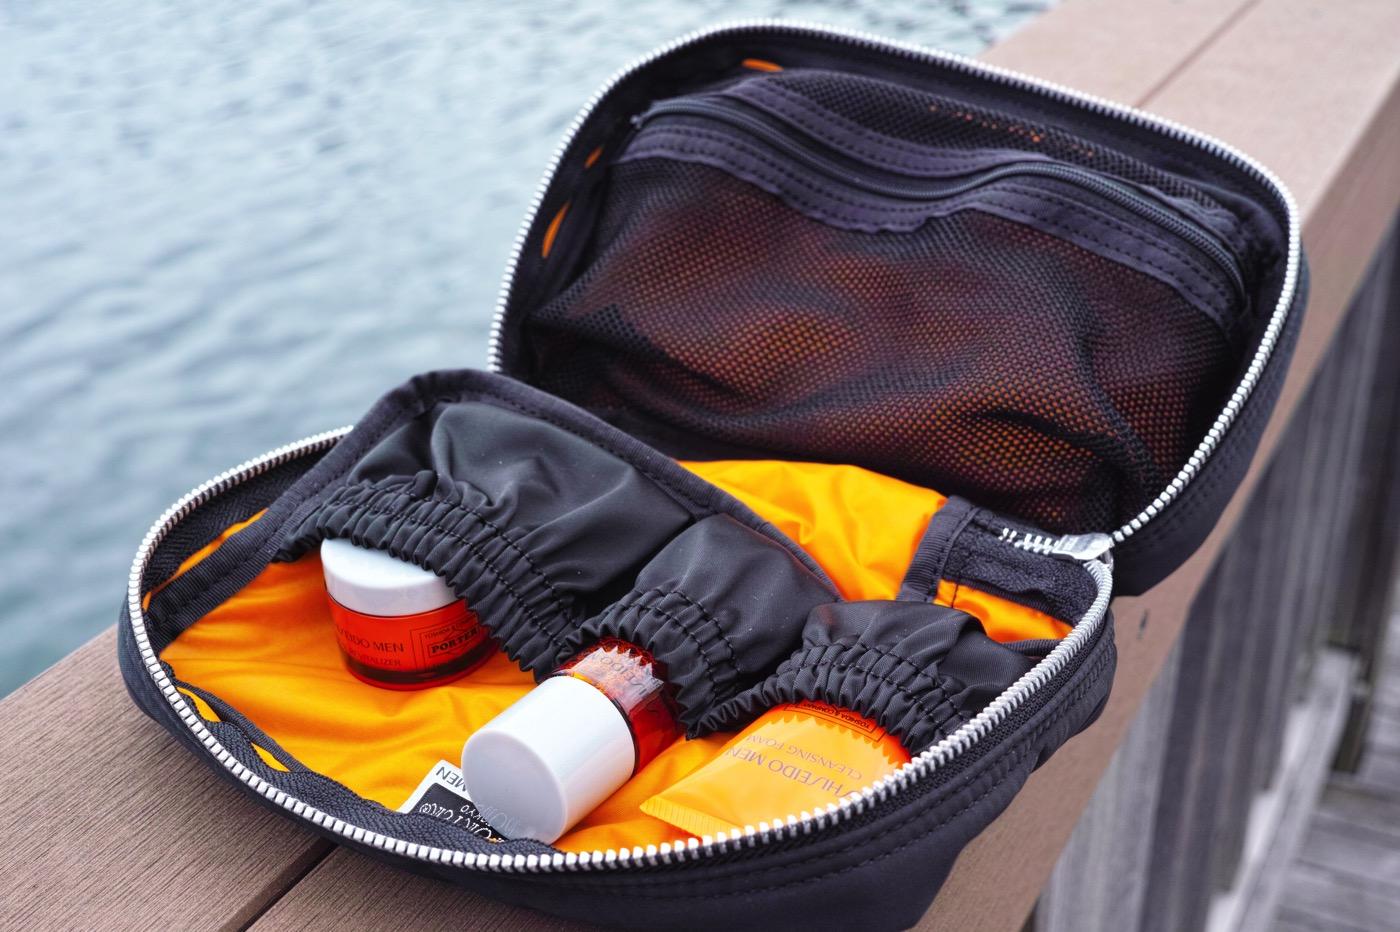 Porter shiseido men total grooming box application 00007